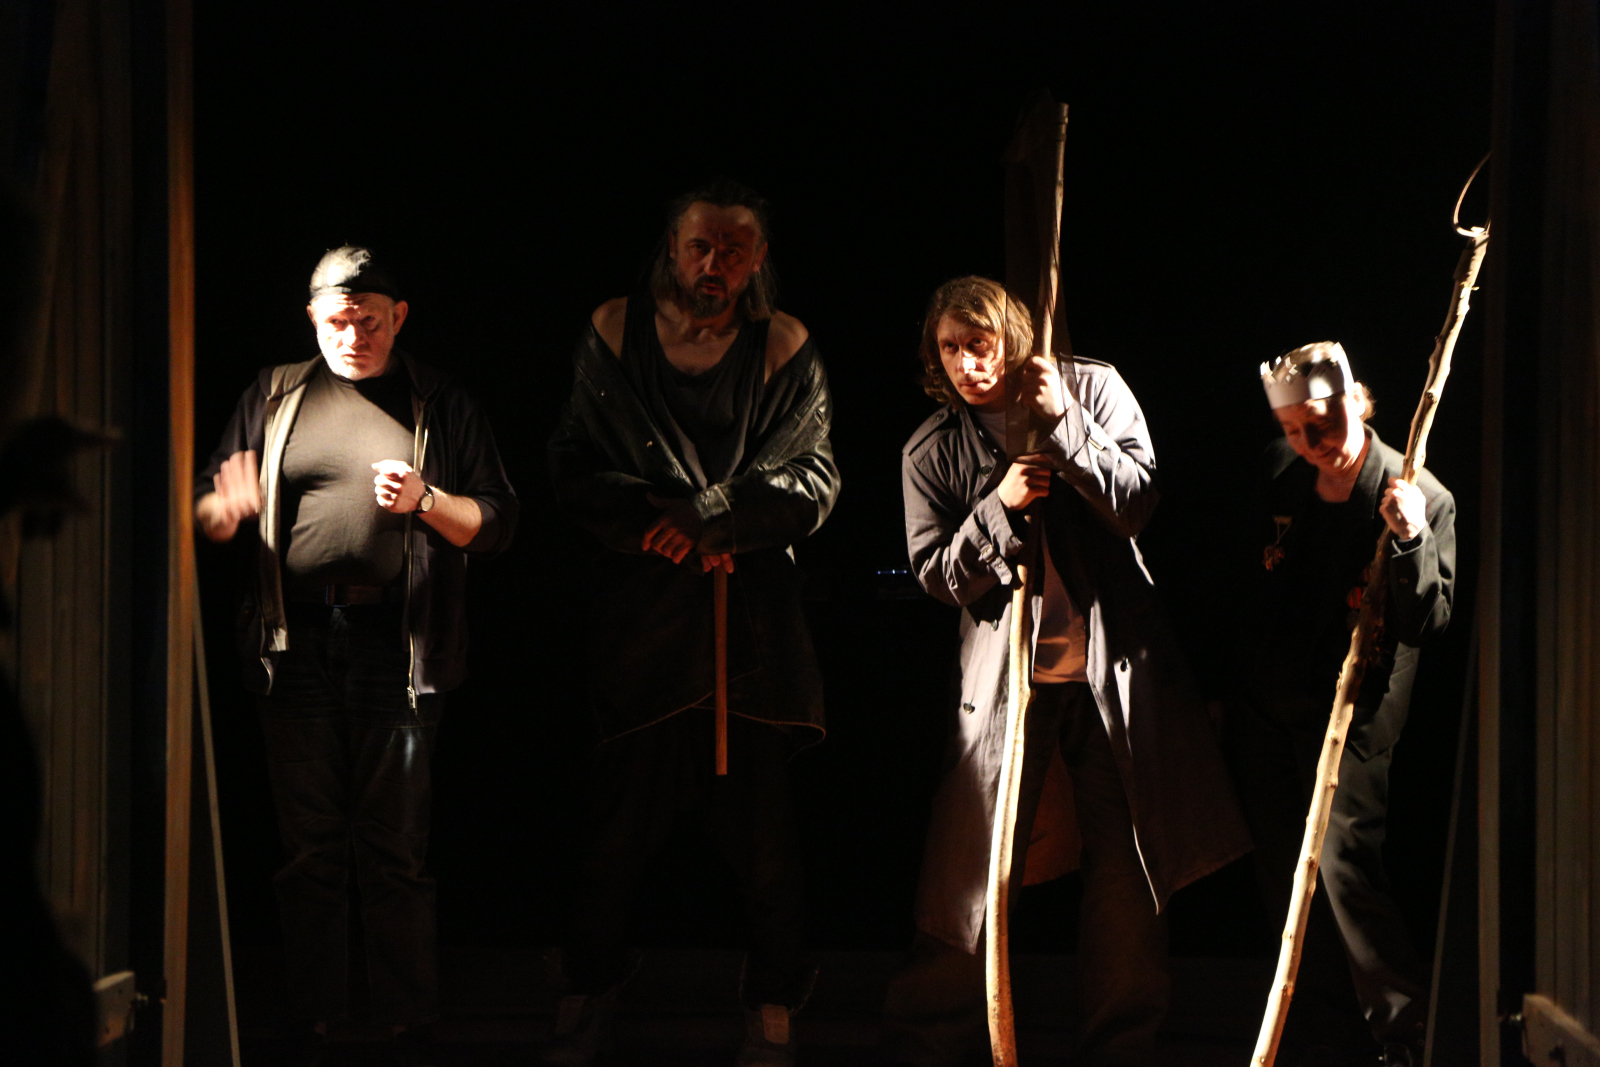 Czterech mężczyzn stoi w półmroku. Dwóch podpiera się na drewnianych laskach